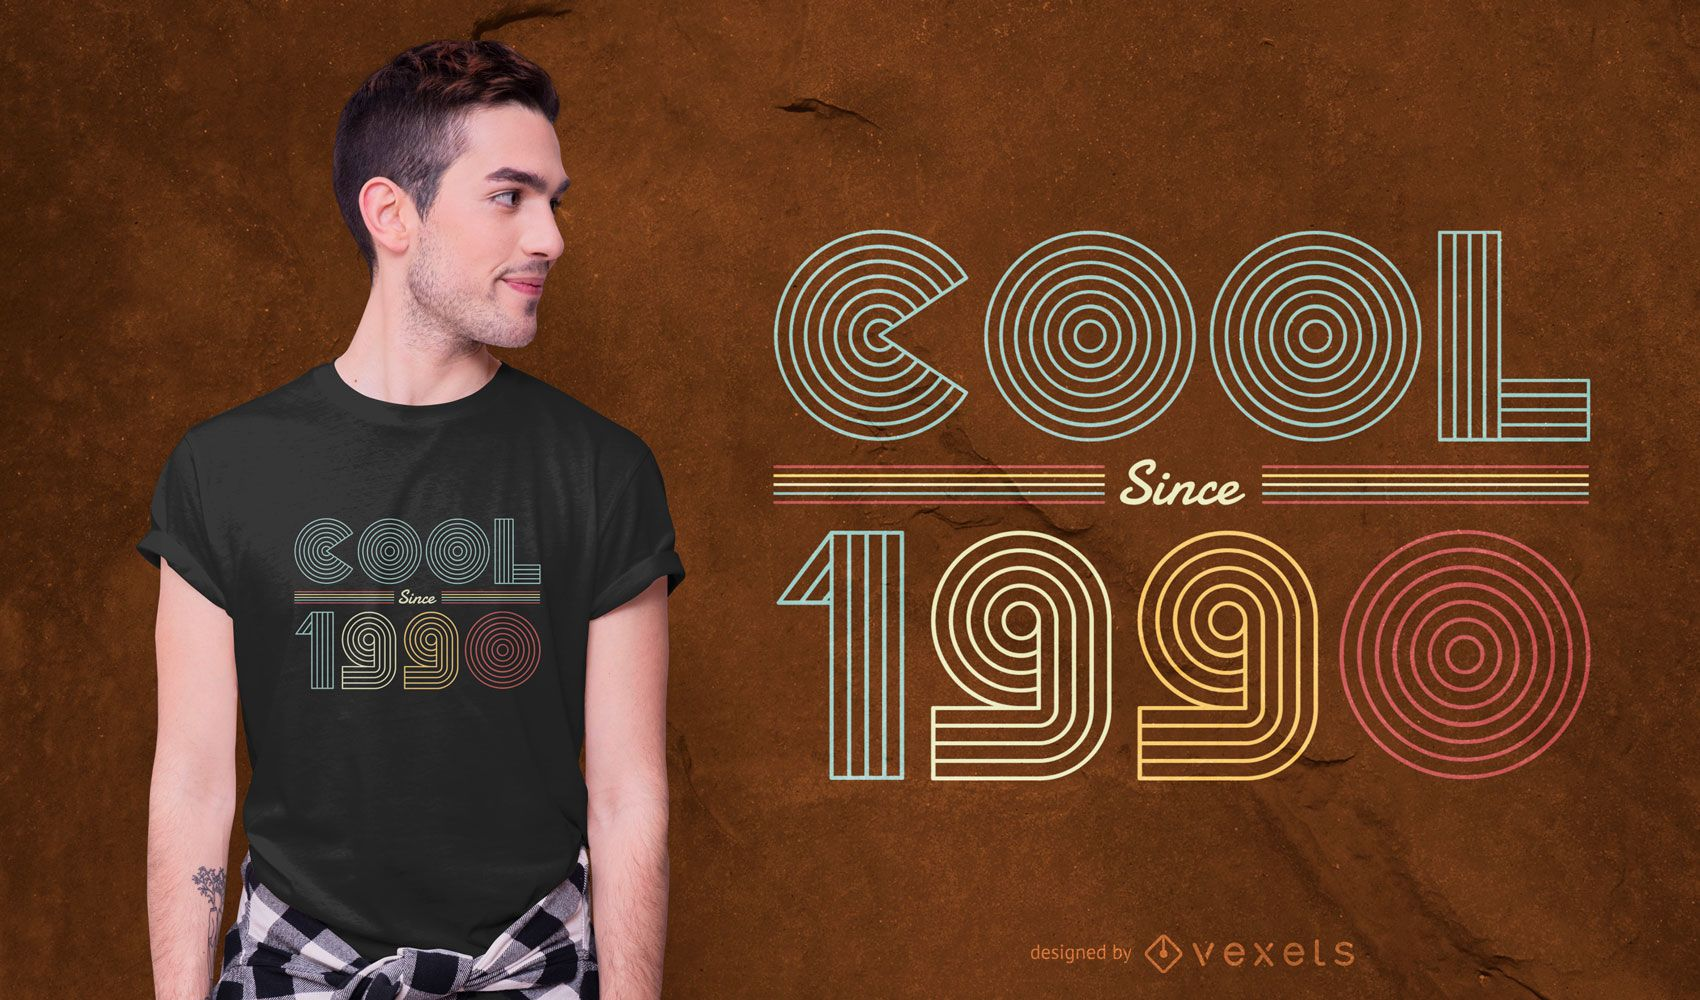 Cool Since 1990 T-shirt Design